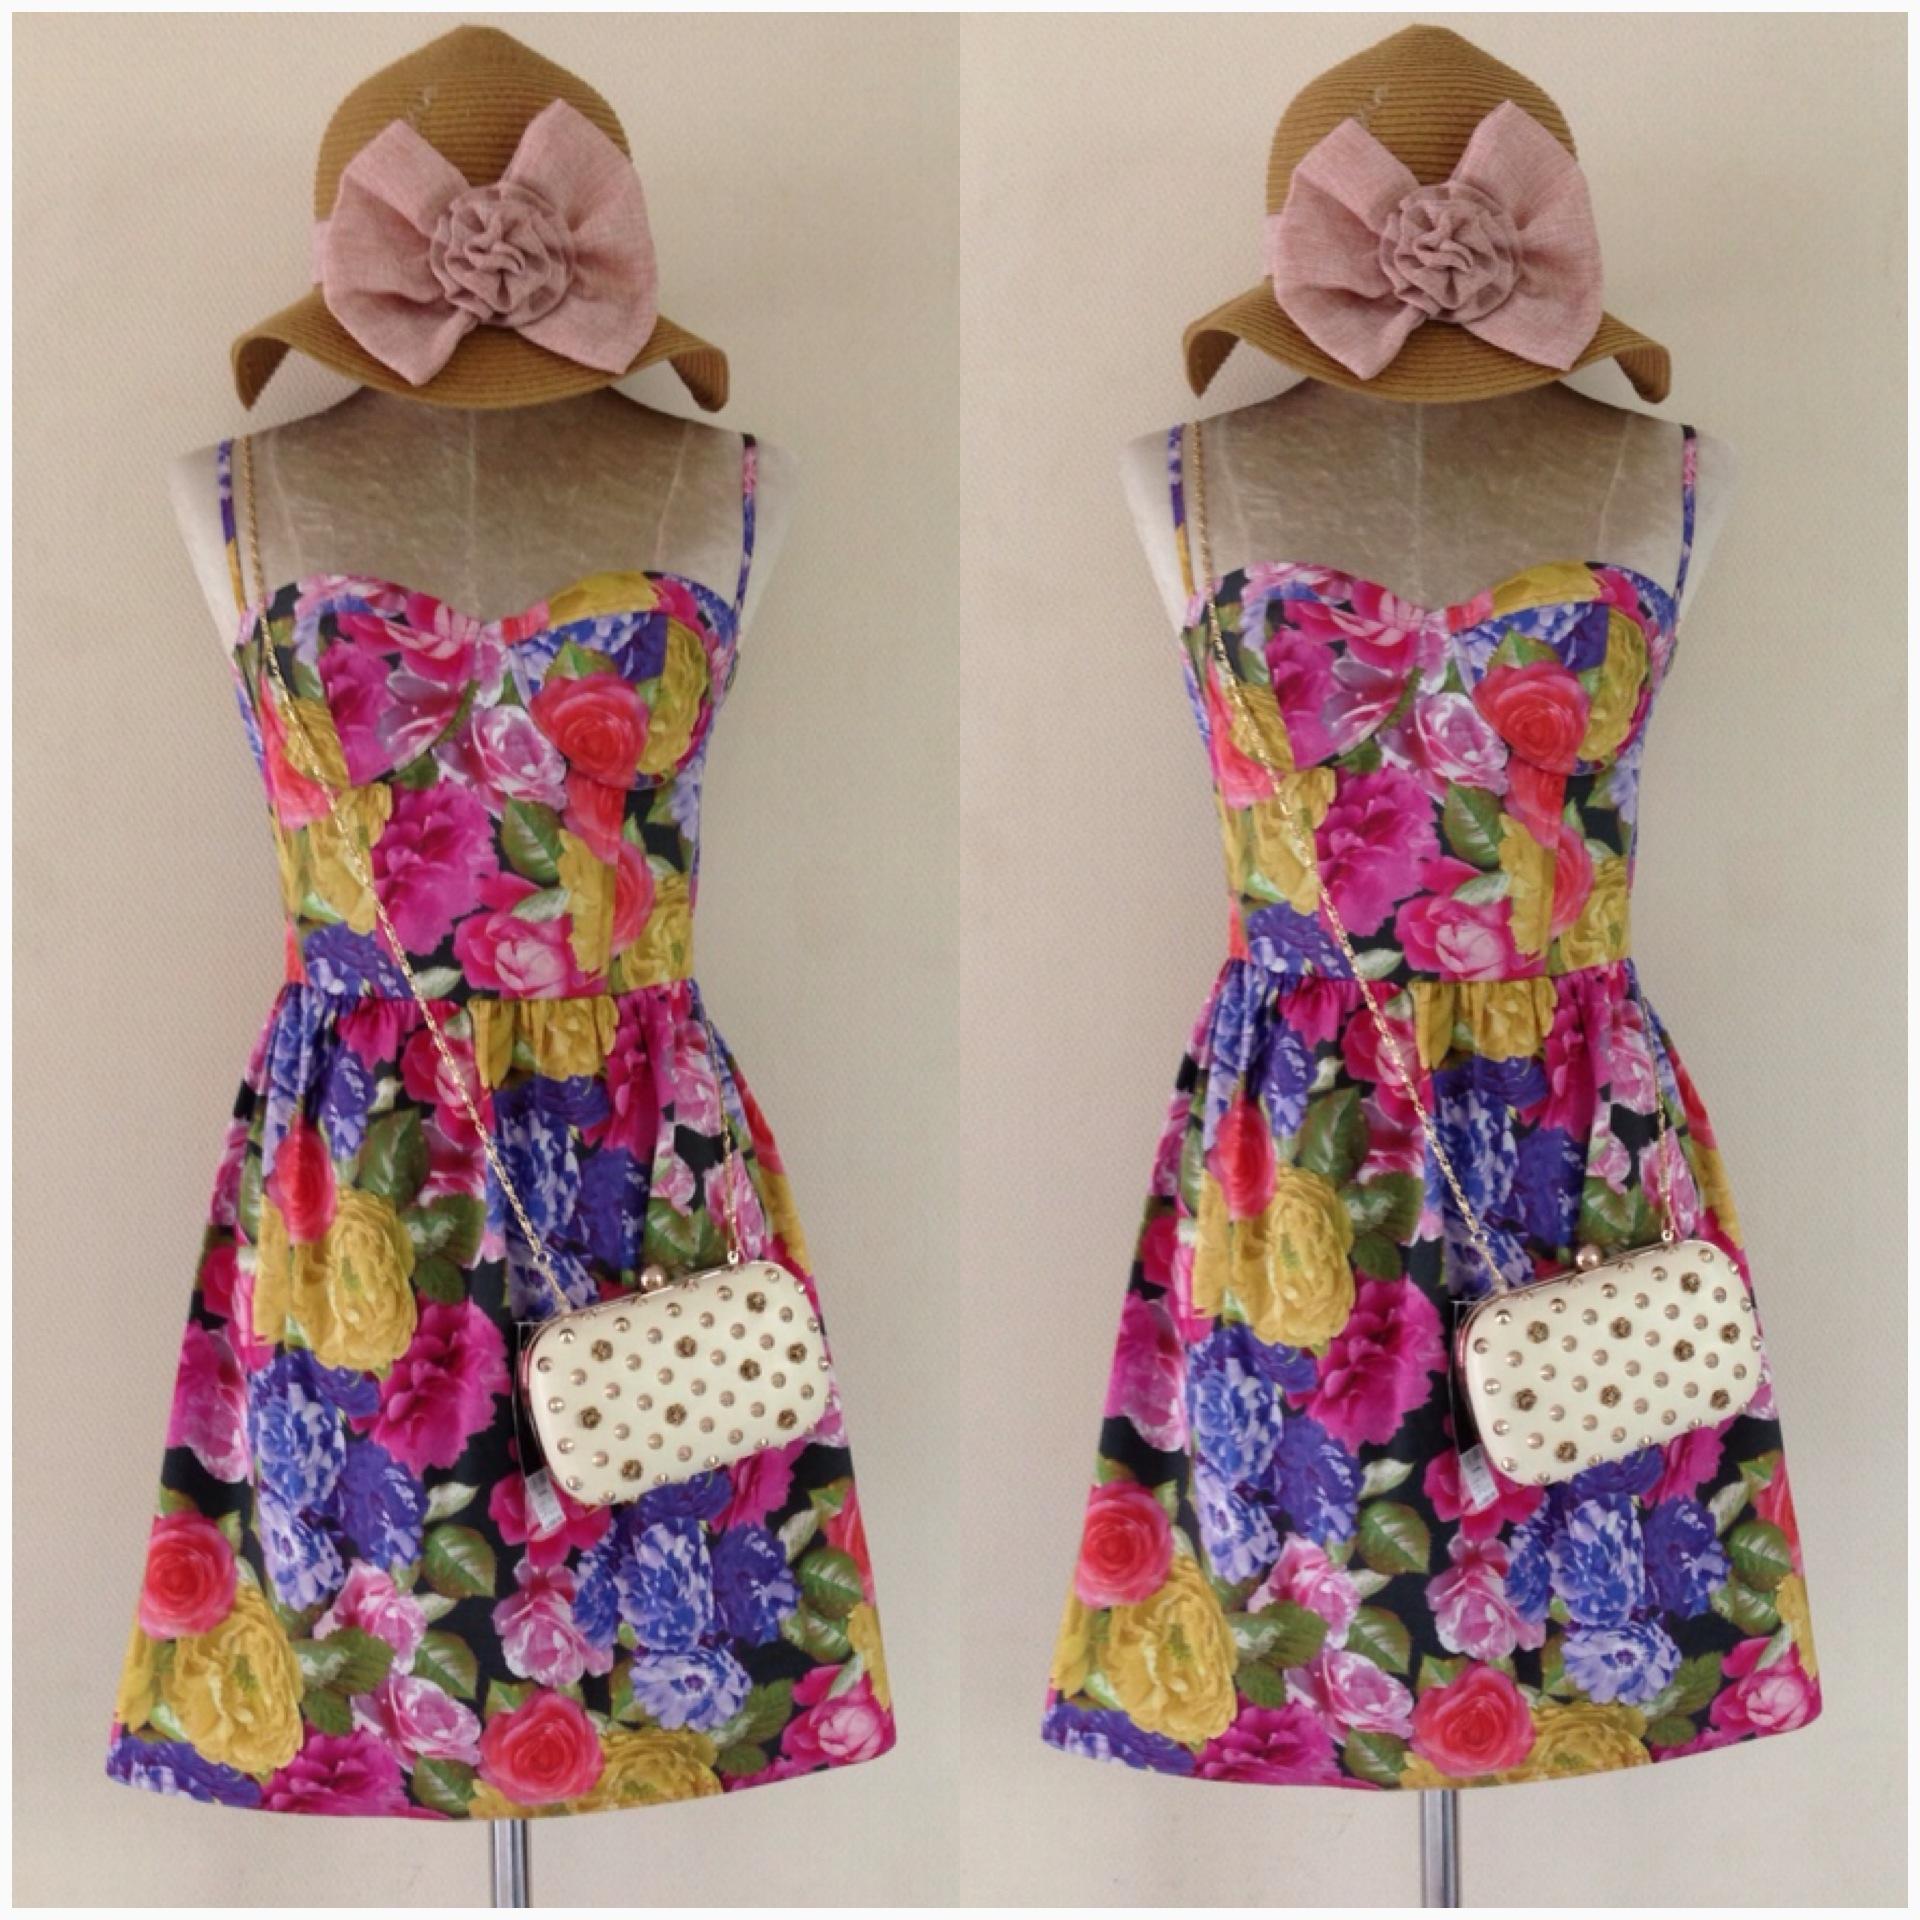 Topshop Floral Dress Size Uk10